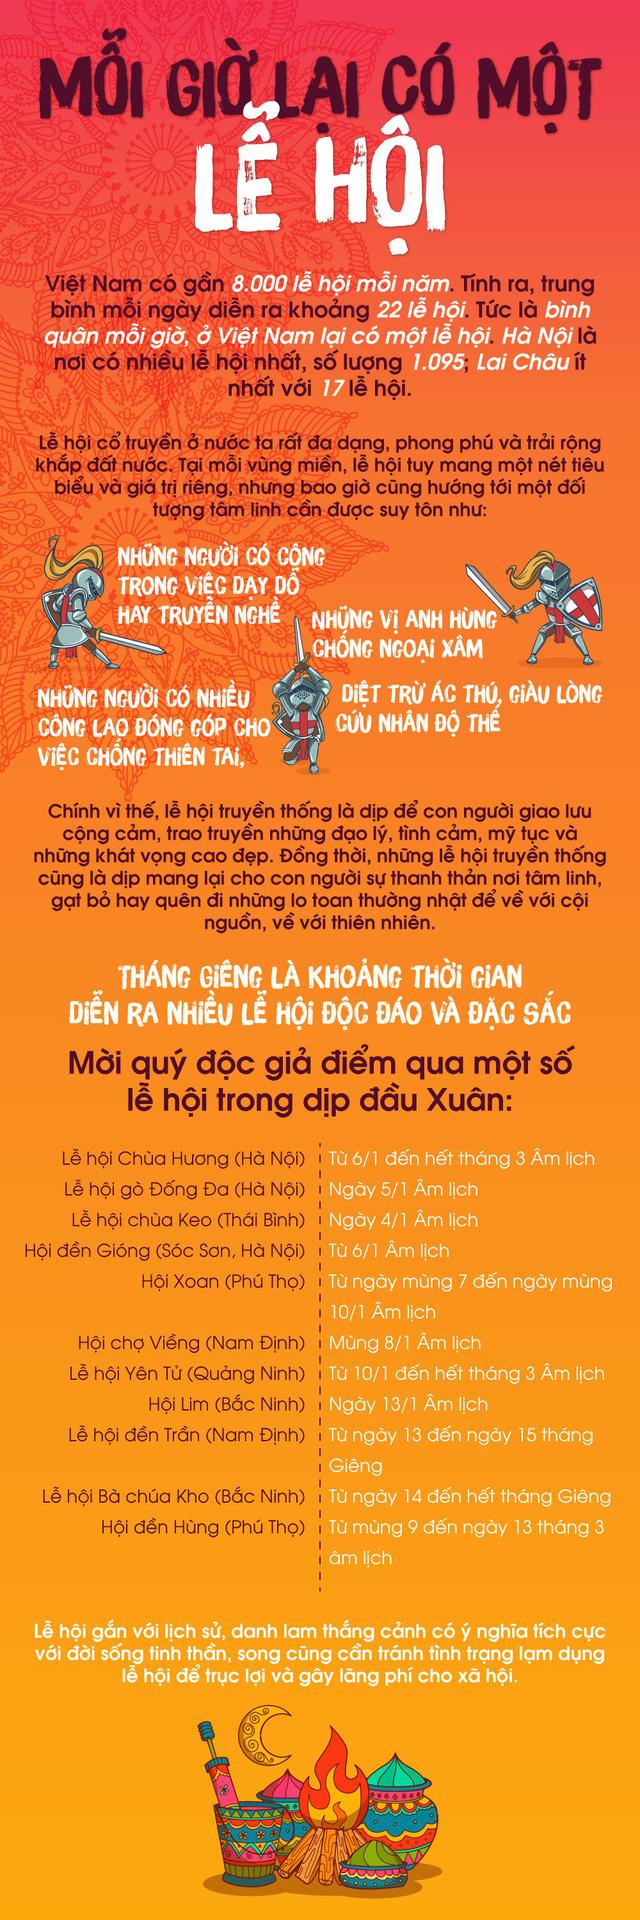 [INFOGRAPHIC] Mỗi giờ có một lễ hội được tổ chức ở Việt Nam - Ảnh 1.